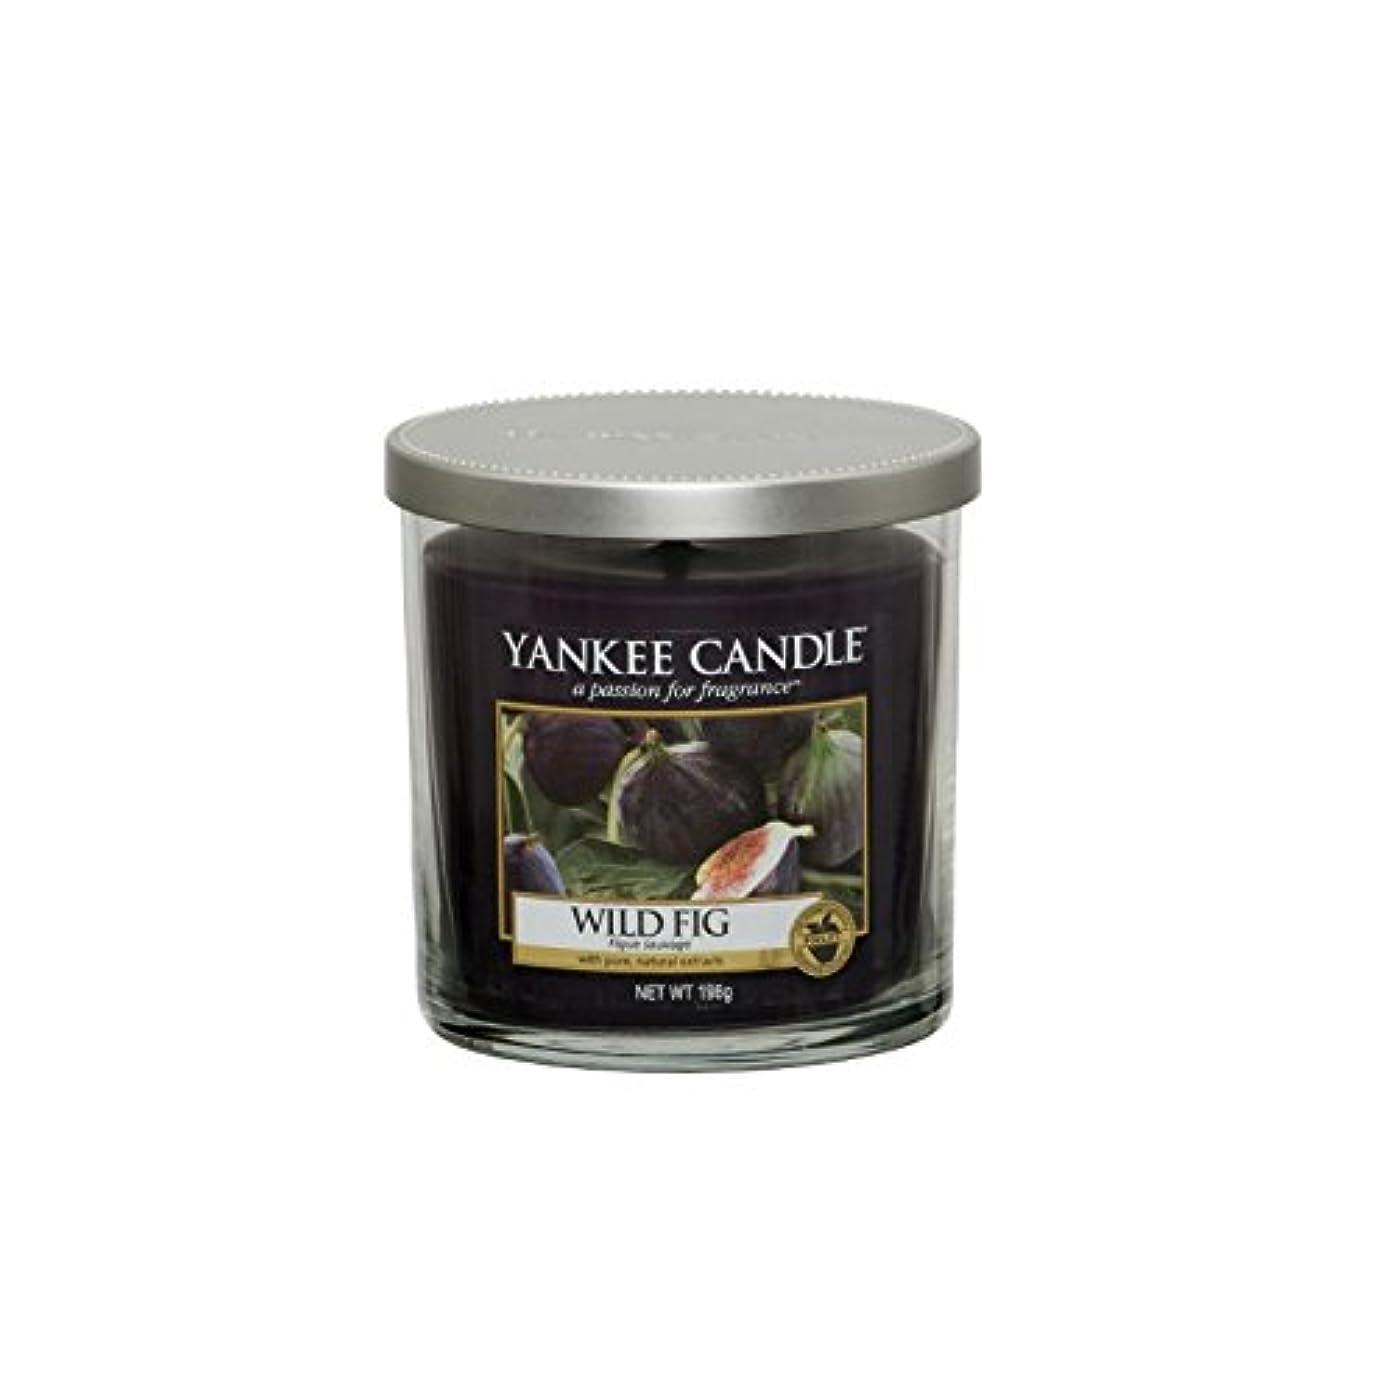 疑い寝室テレビを見るヤンキーキャンドルの小さな柱キャンドル - 野生のイチジク - Yankee Candles Small Pillar Candle - Wild Fig (Yankee Candles) [並行輸入品]